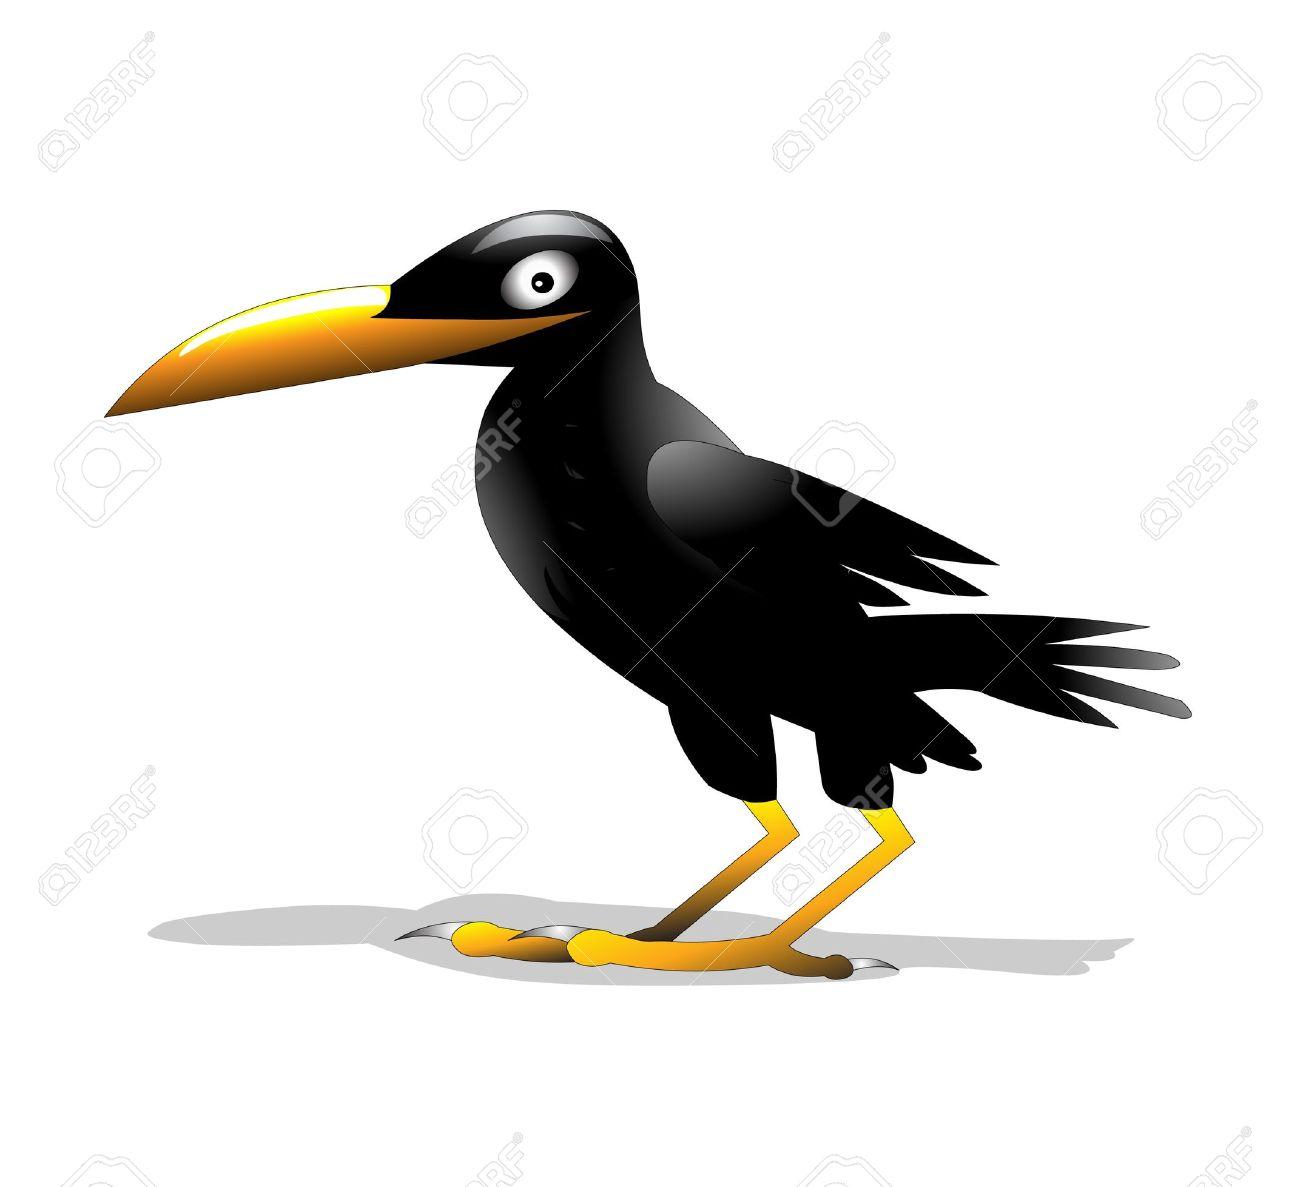 Illustration oiseau solitaire corbeau est isolé sur fond blanc.